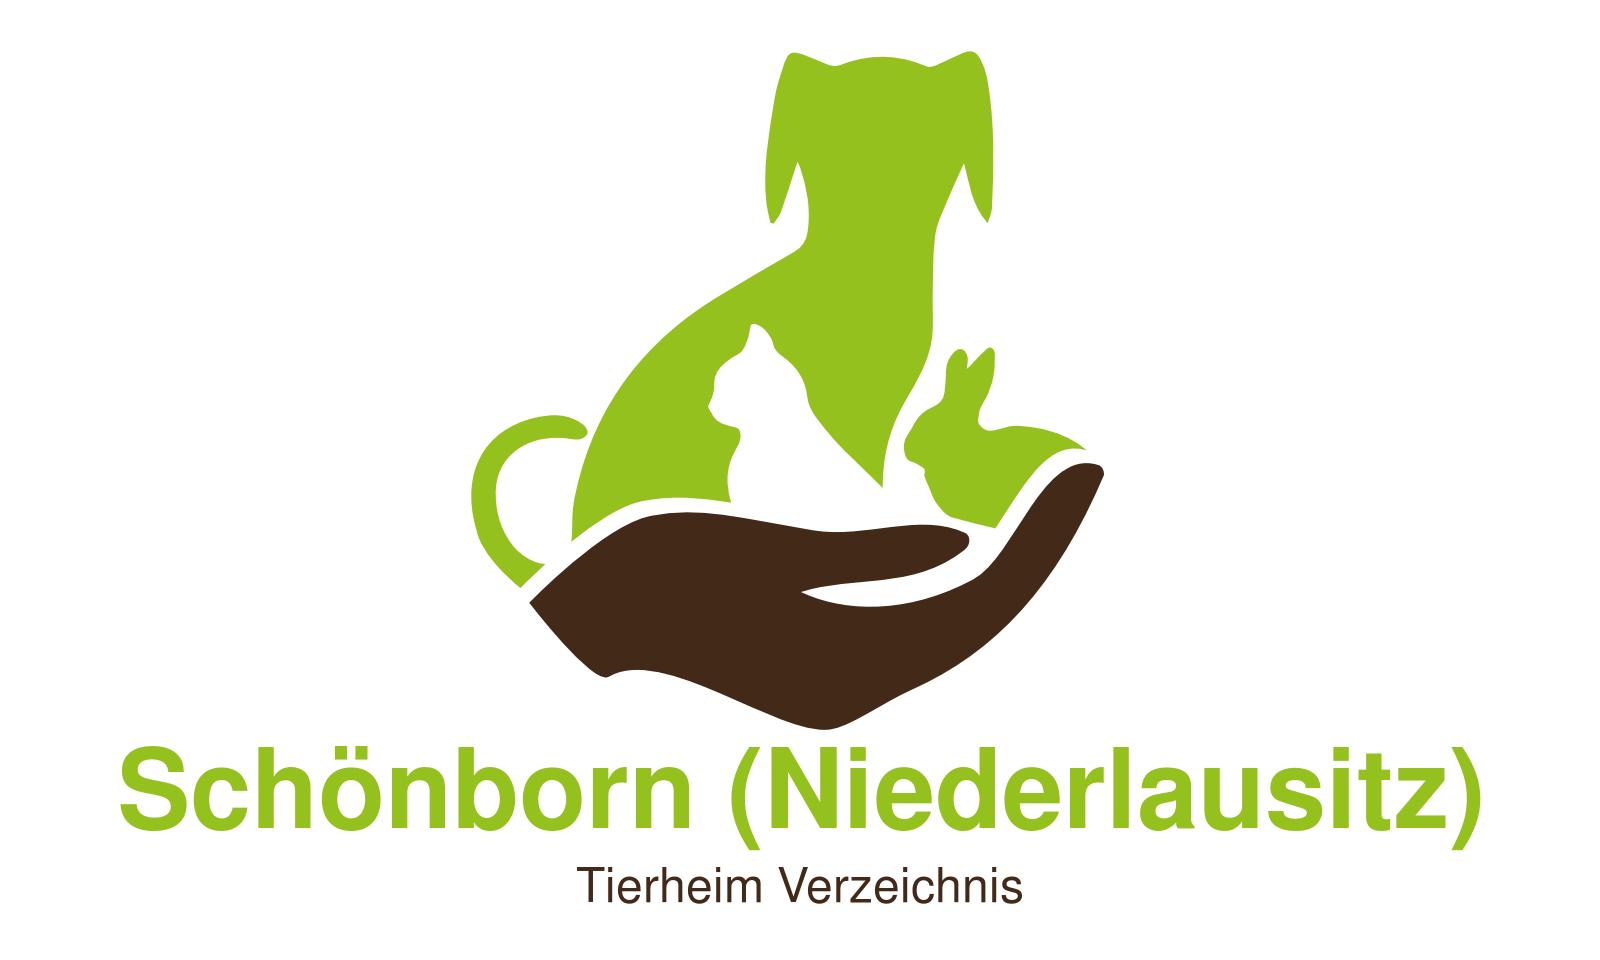 Tierheim Schönborn (Niederlausitz)